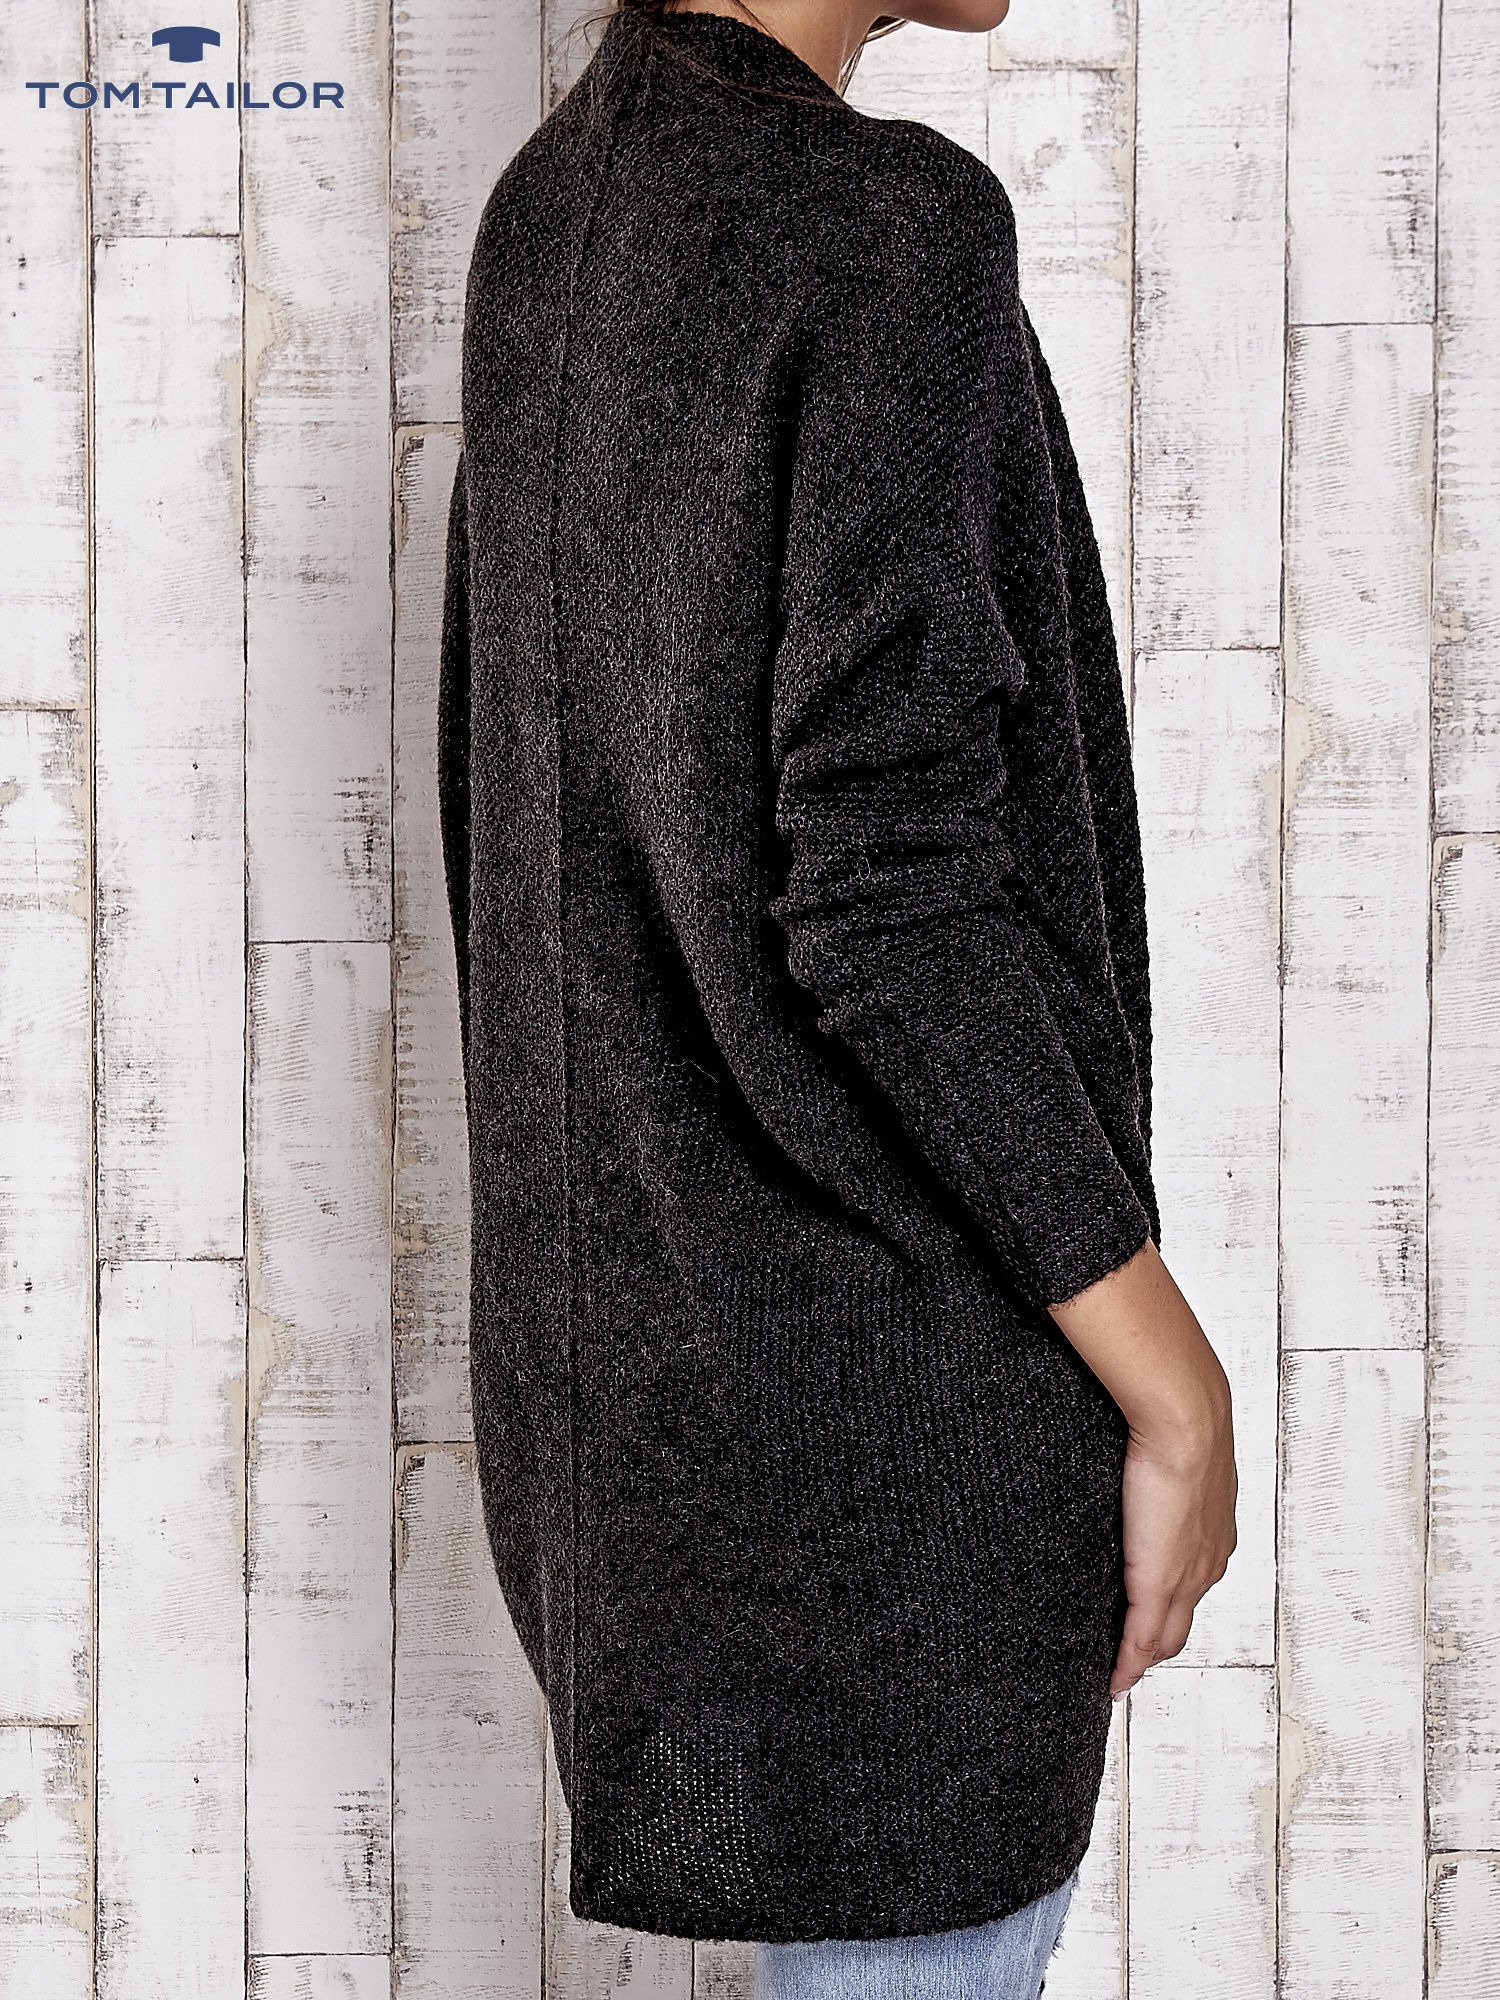 TOM TAILOR Ciemnoszary wełniany sweter oversize                                  zdj.                                  4